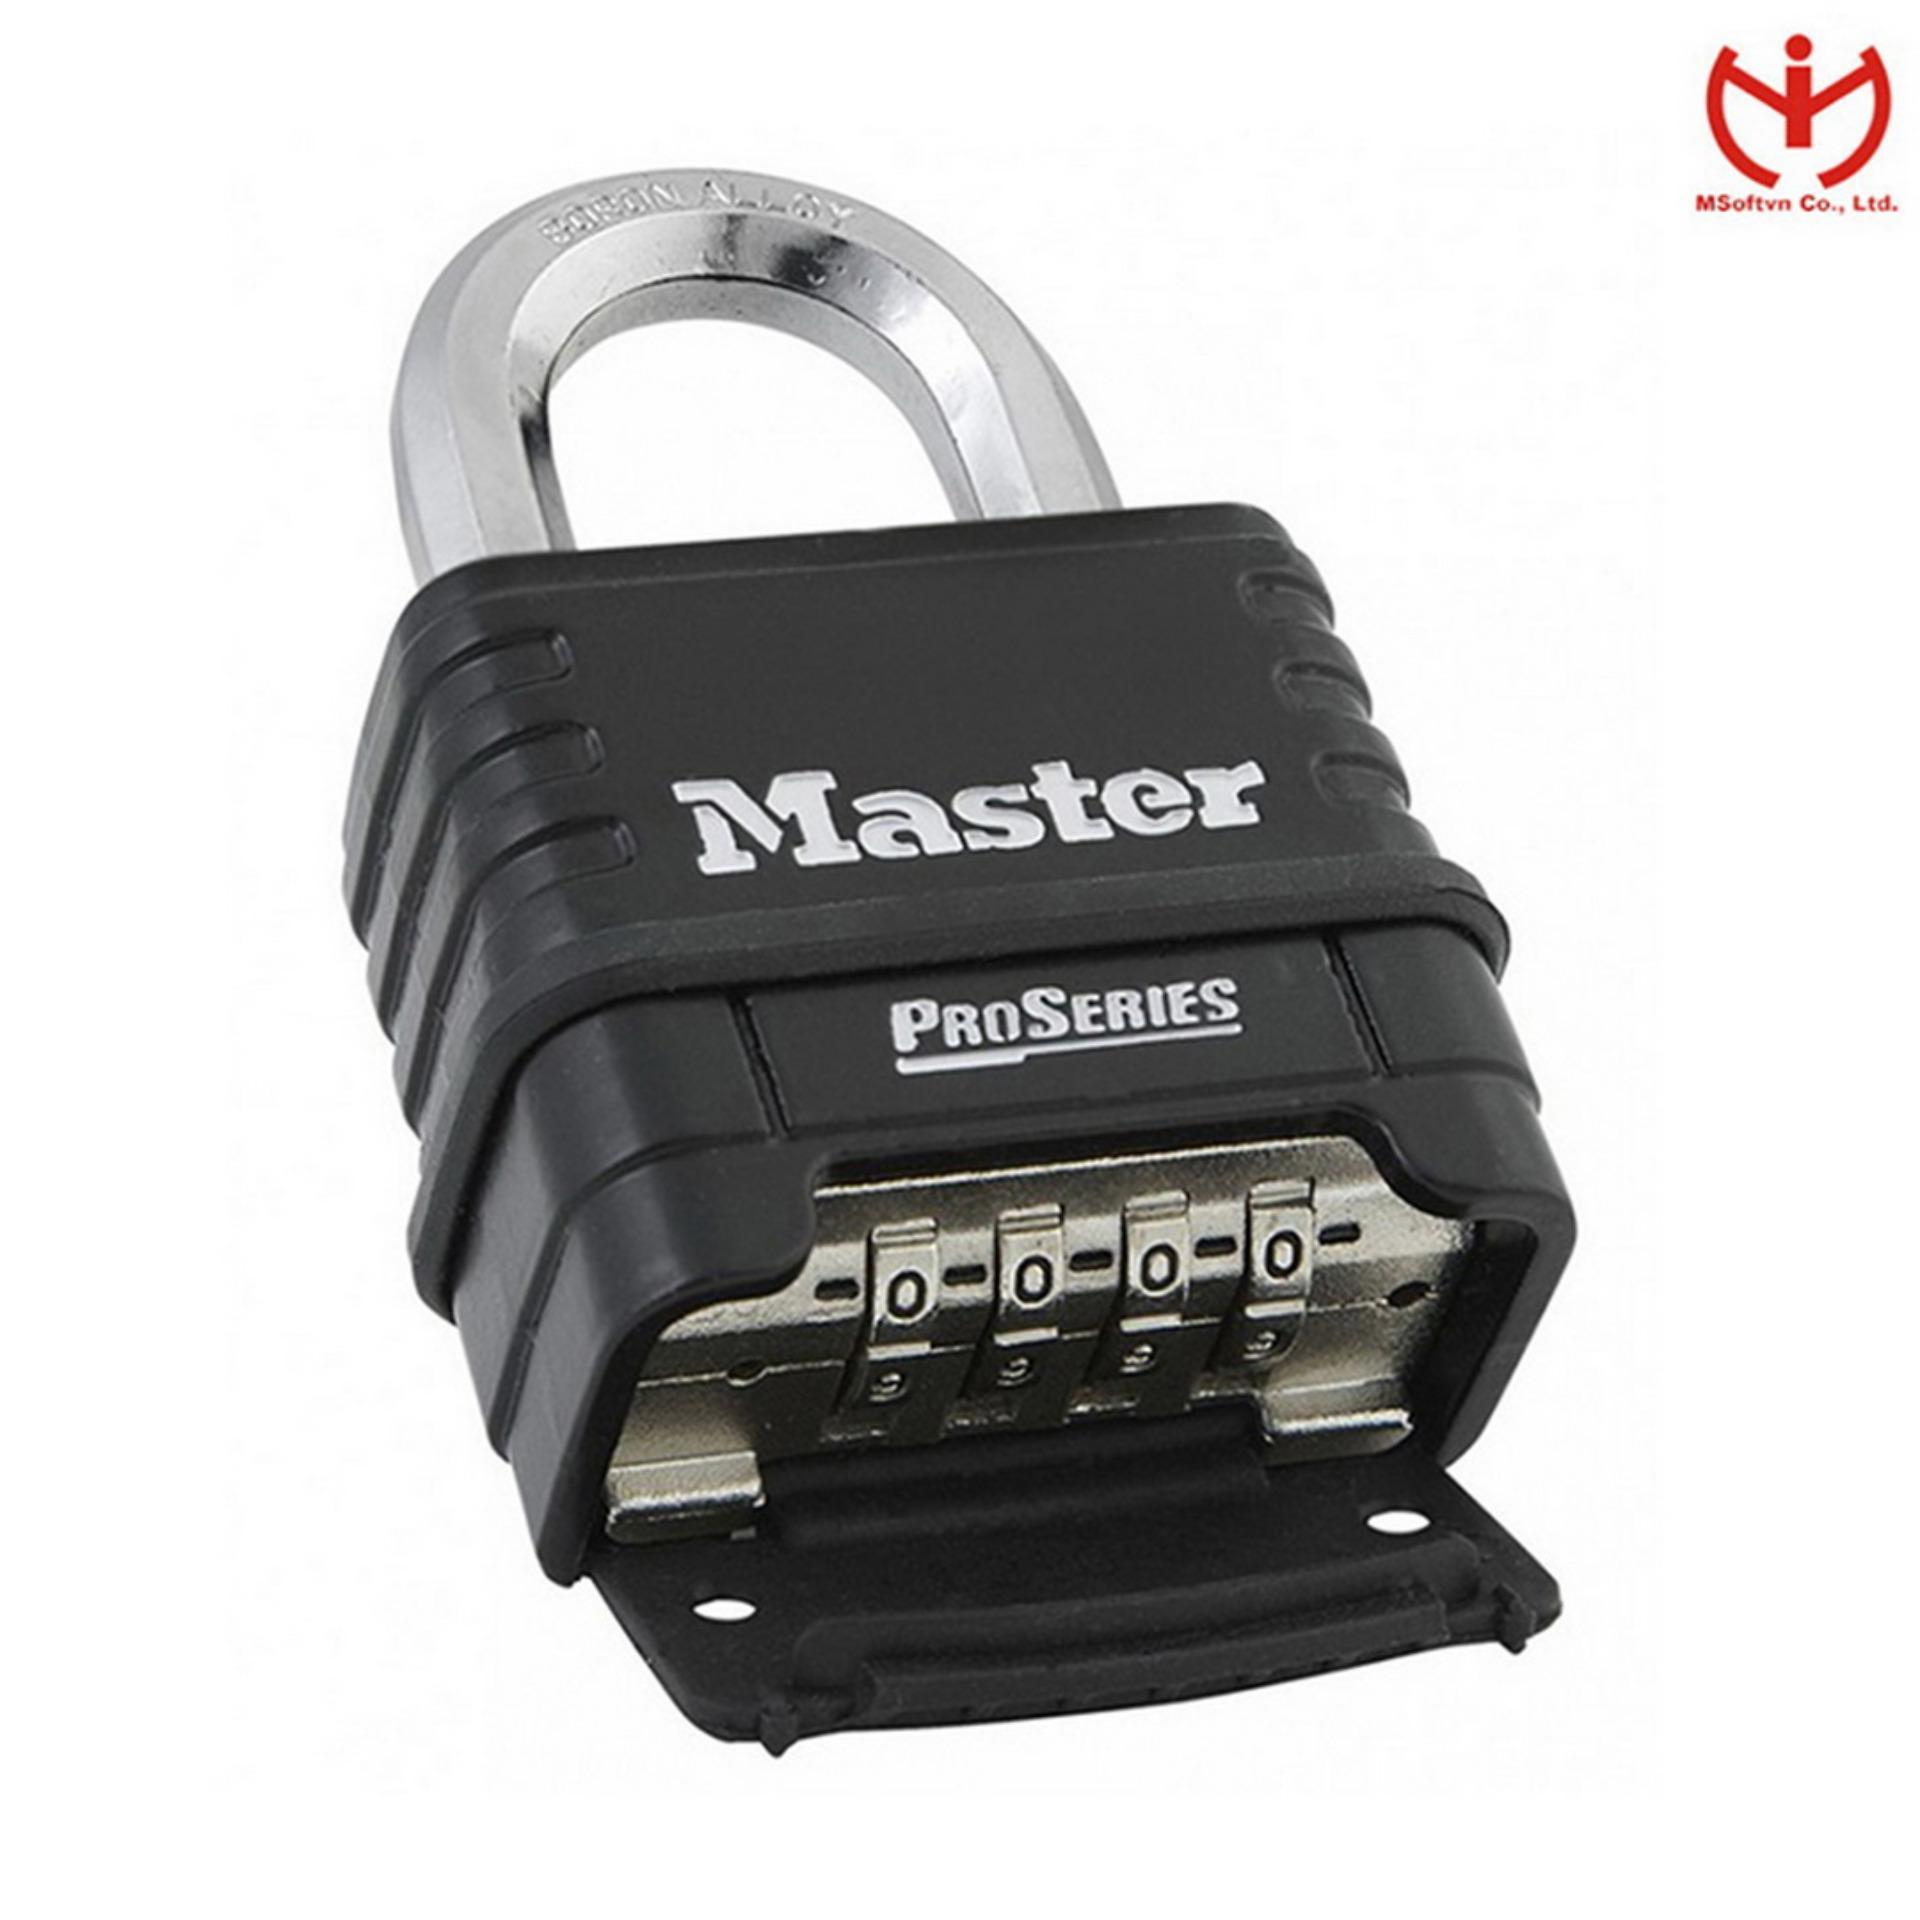 Khóa Số Chống Cắt Master Lock 1178 D Thân Rộng 57mm Càng Bát Giác 10mm - MSOFT